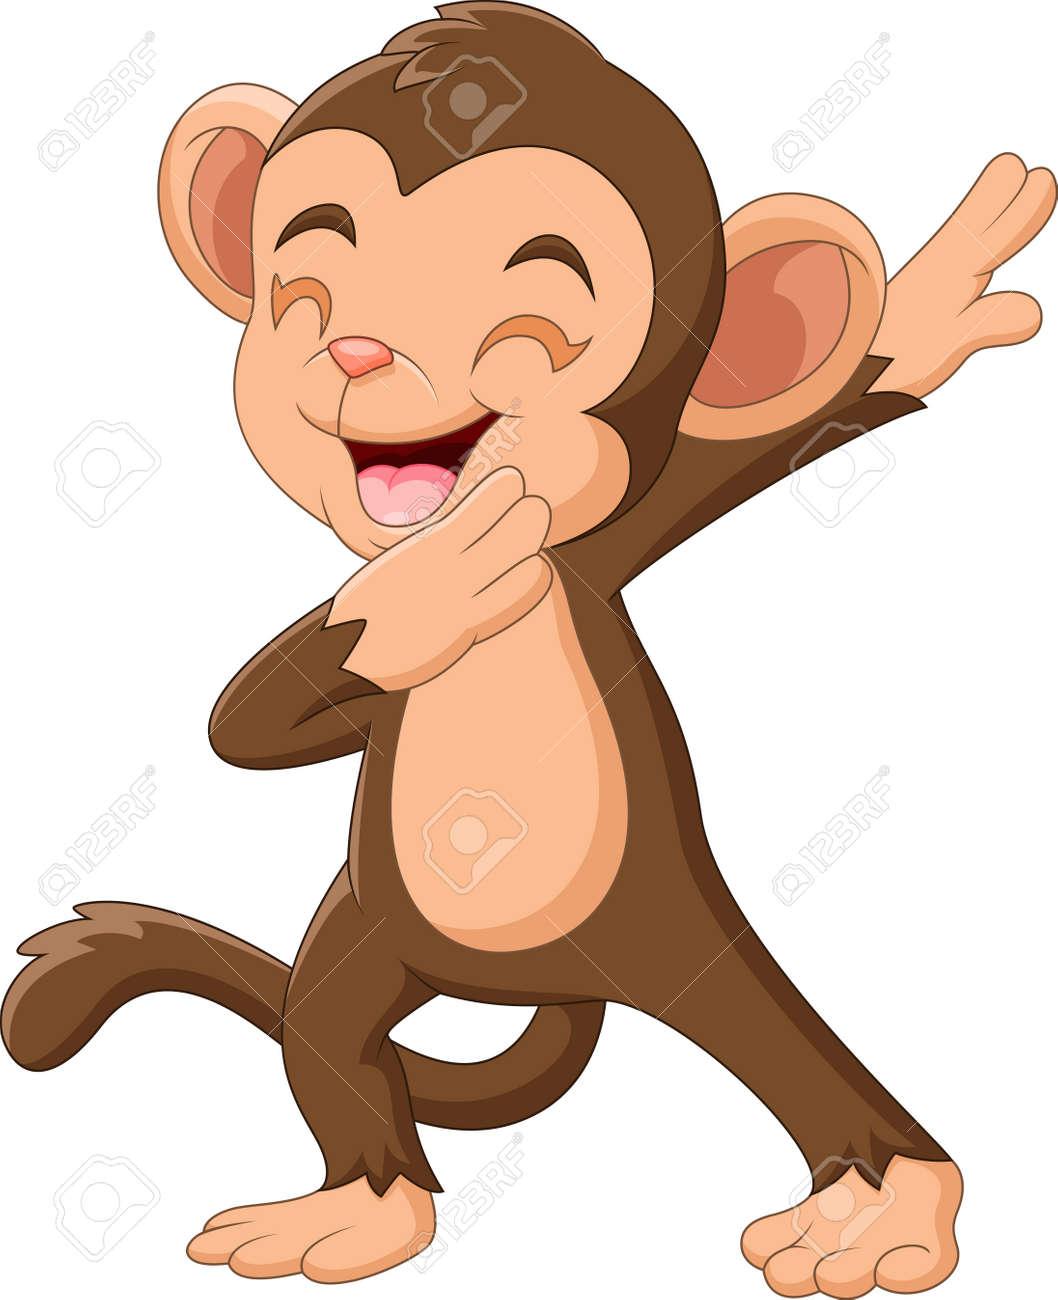 Cartoon Happy monkey waving hand - 137348839